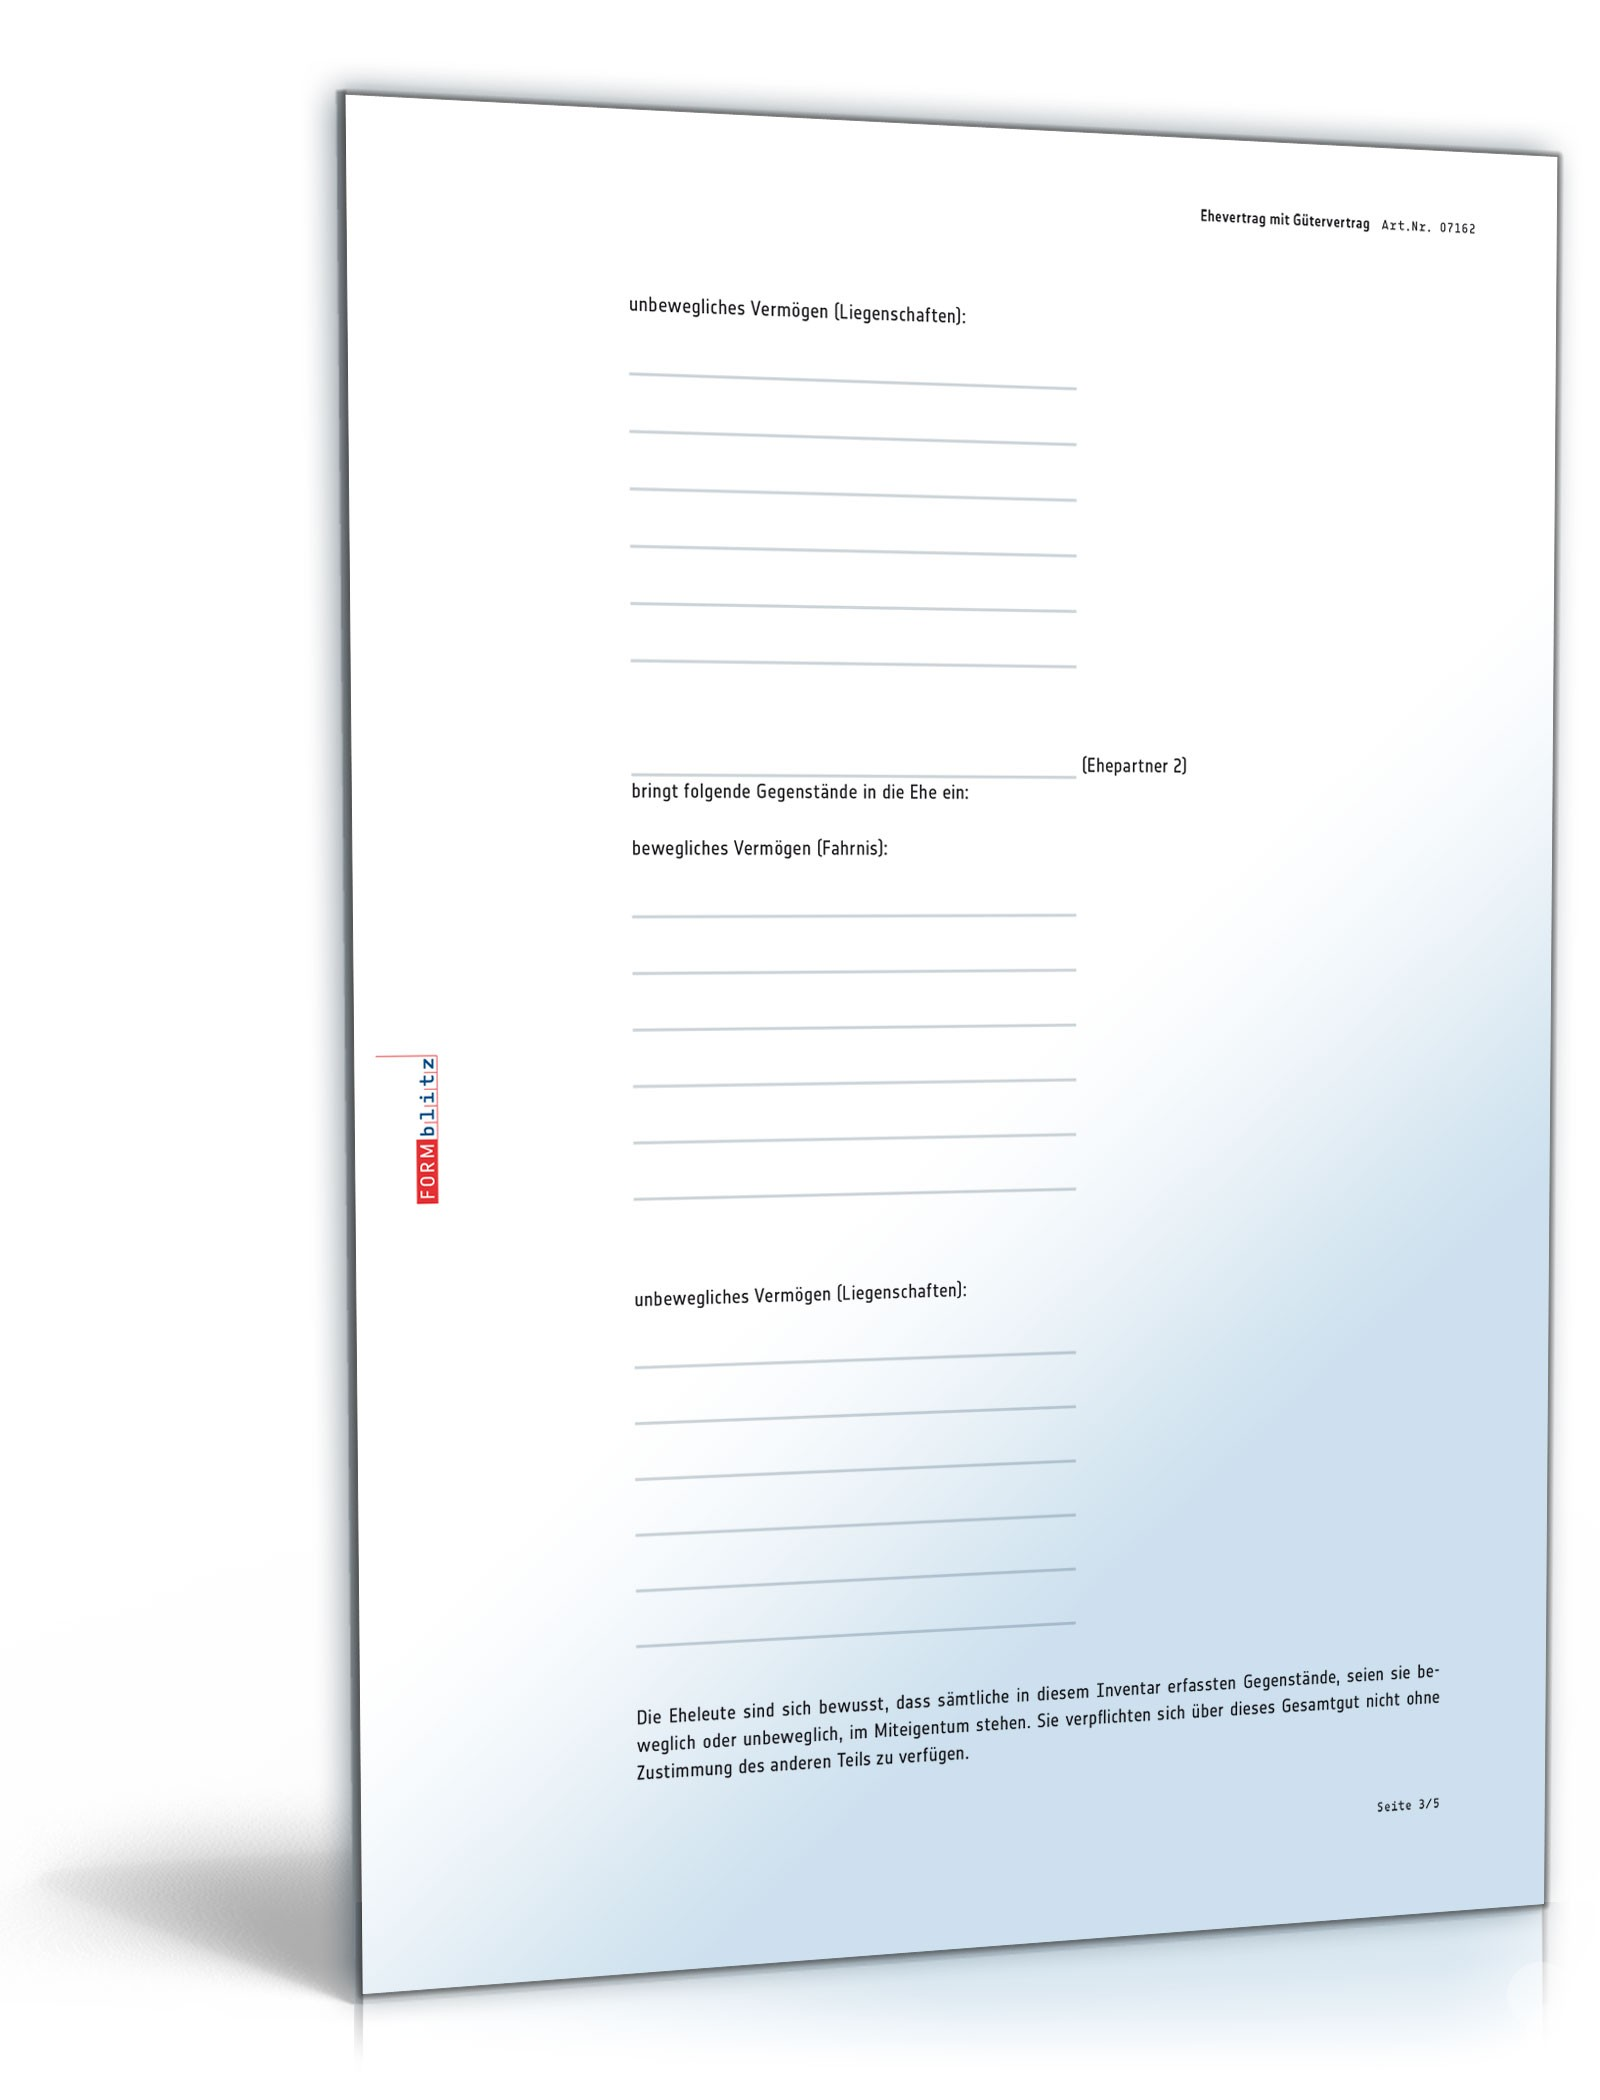 Ehevertrag mit Gütergemeinschaft - Muster-Vorlage zum Download